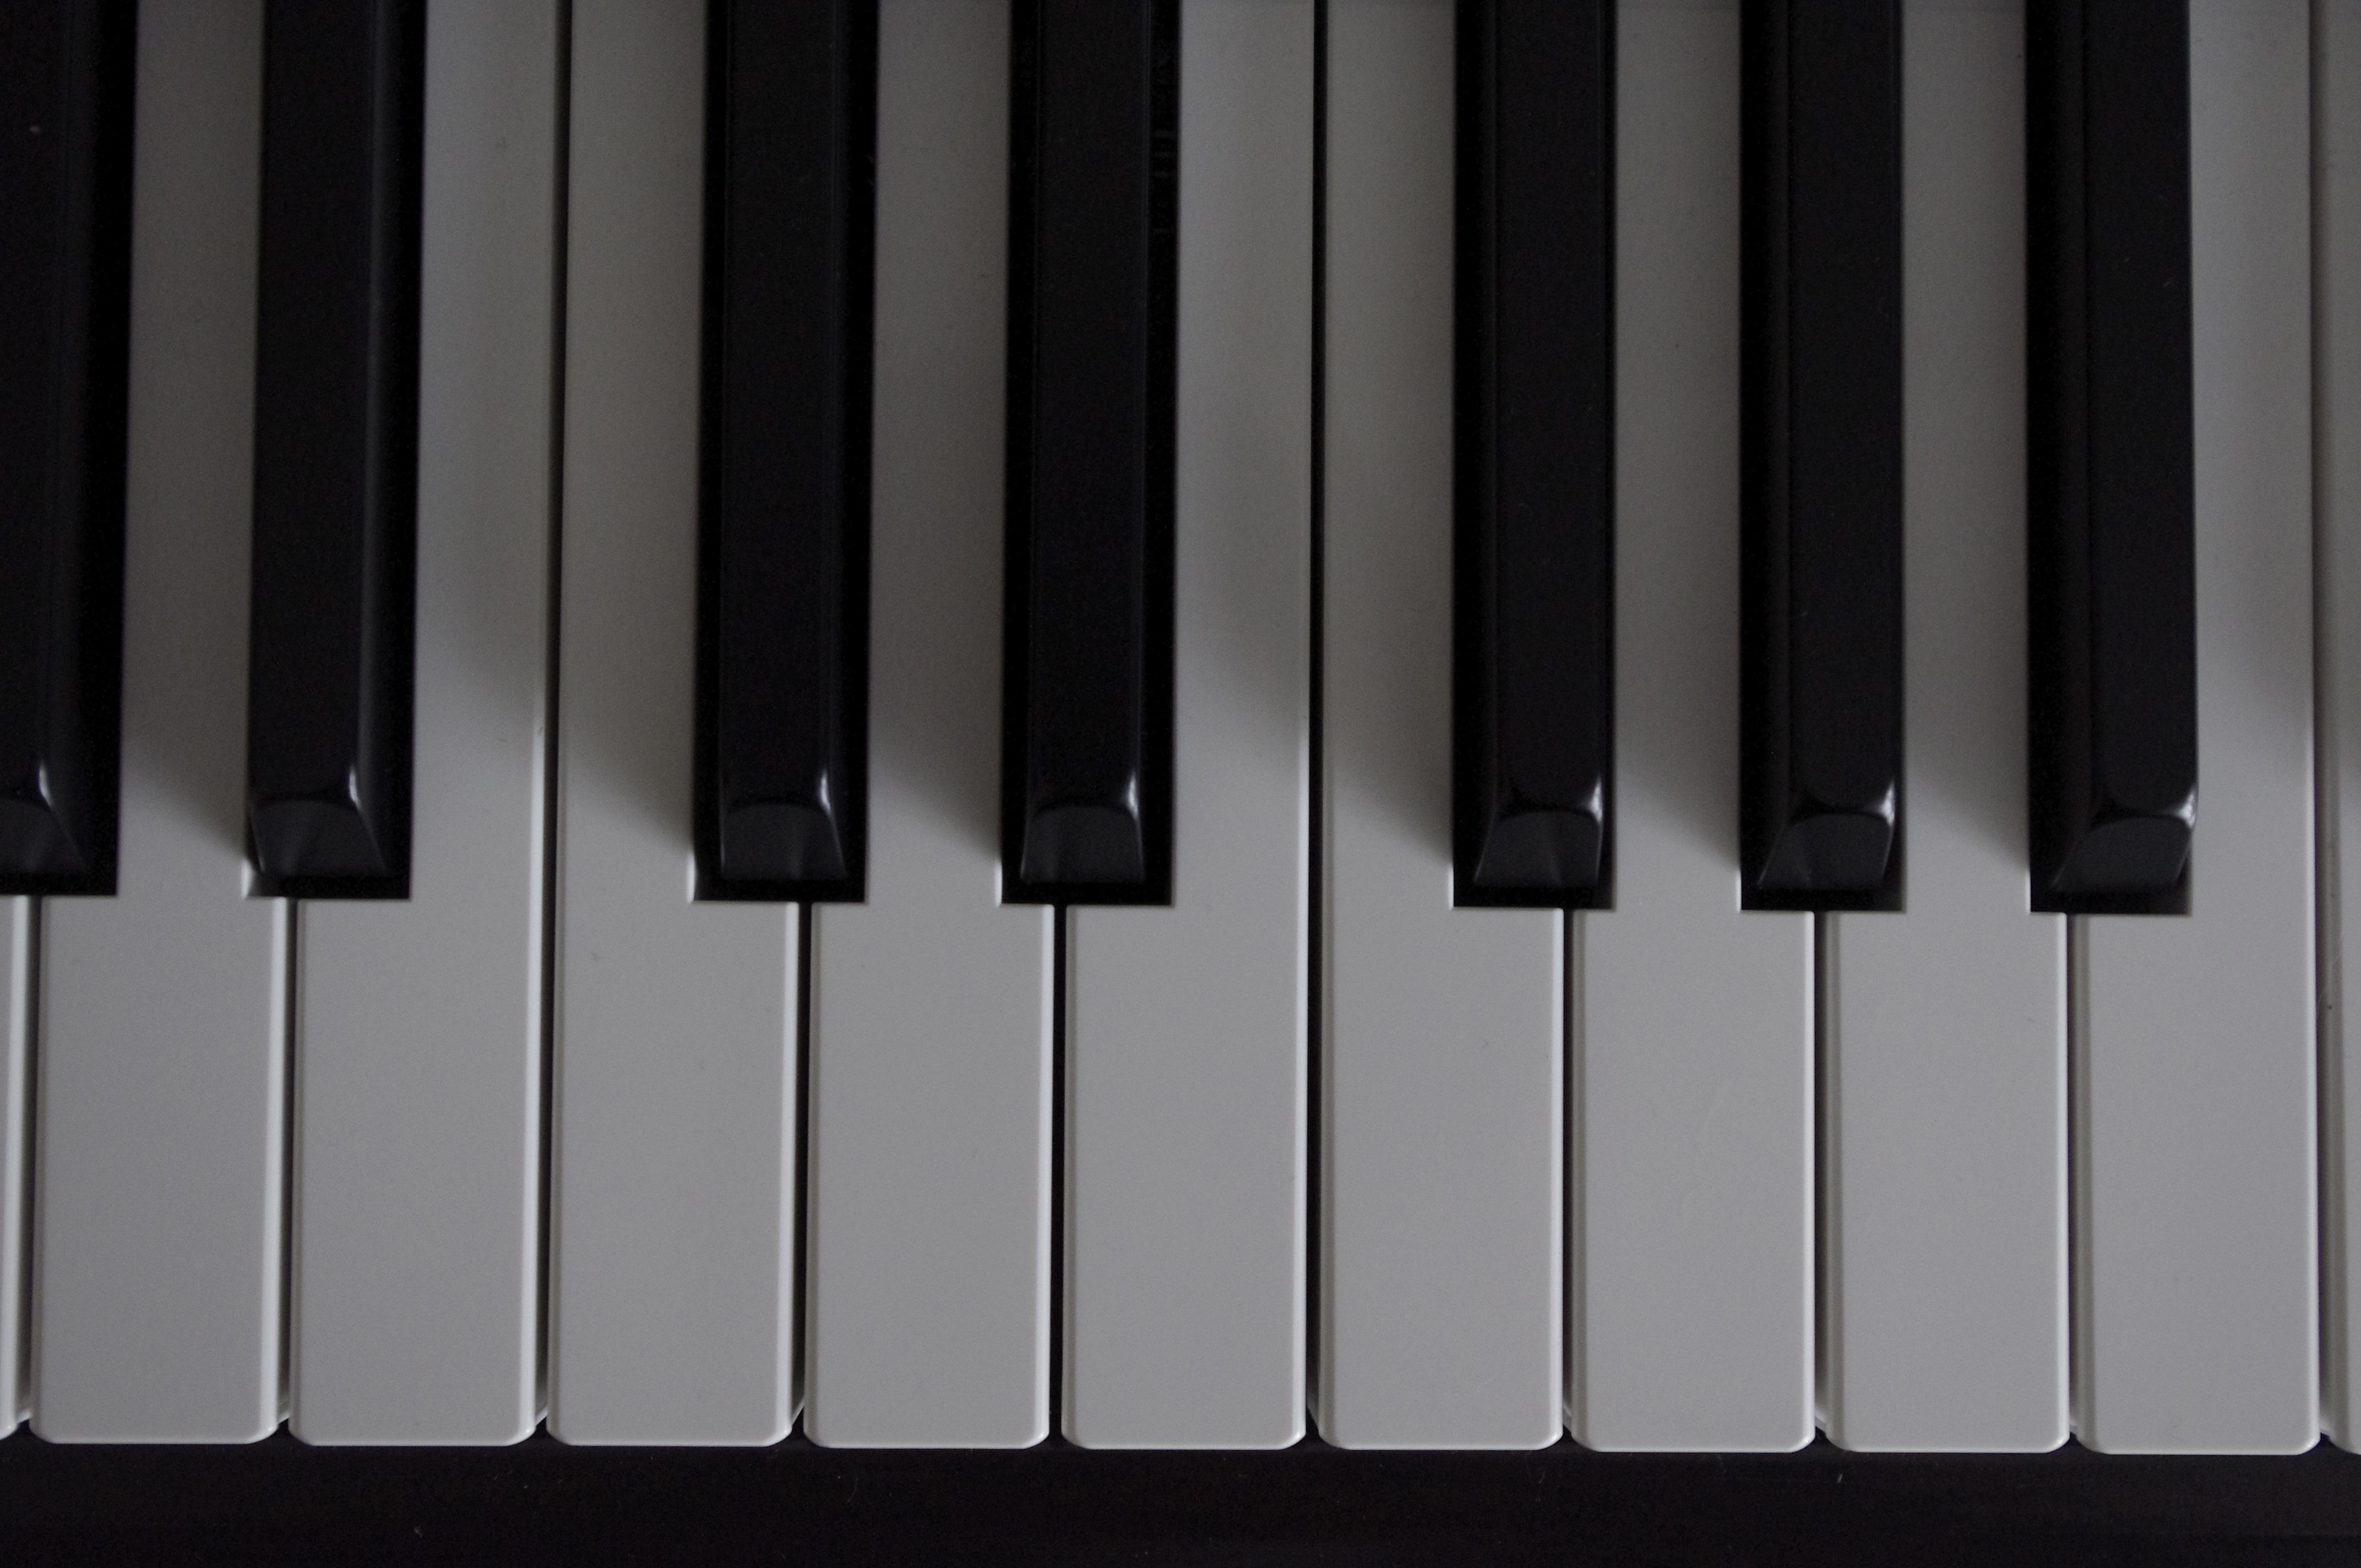 Картинки клавиш на пианино